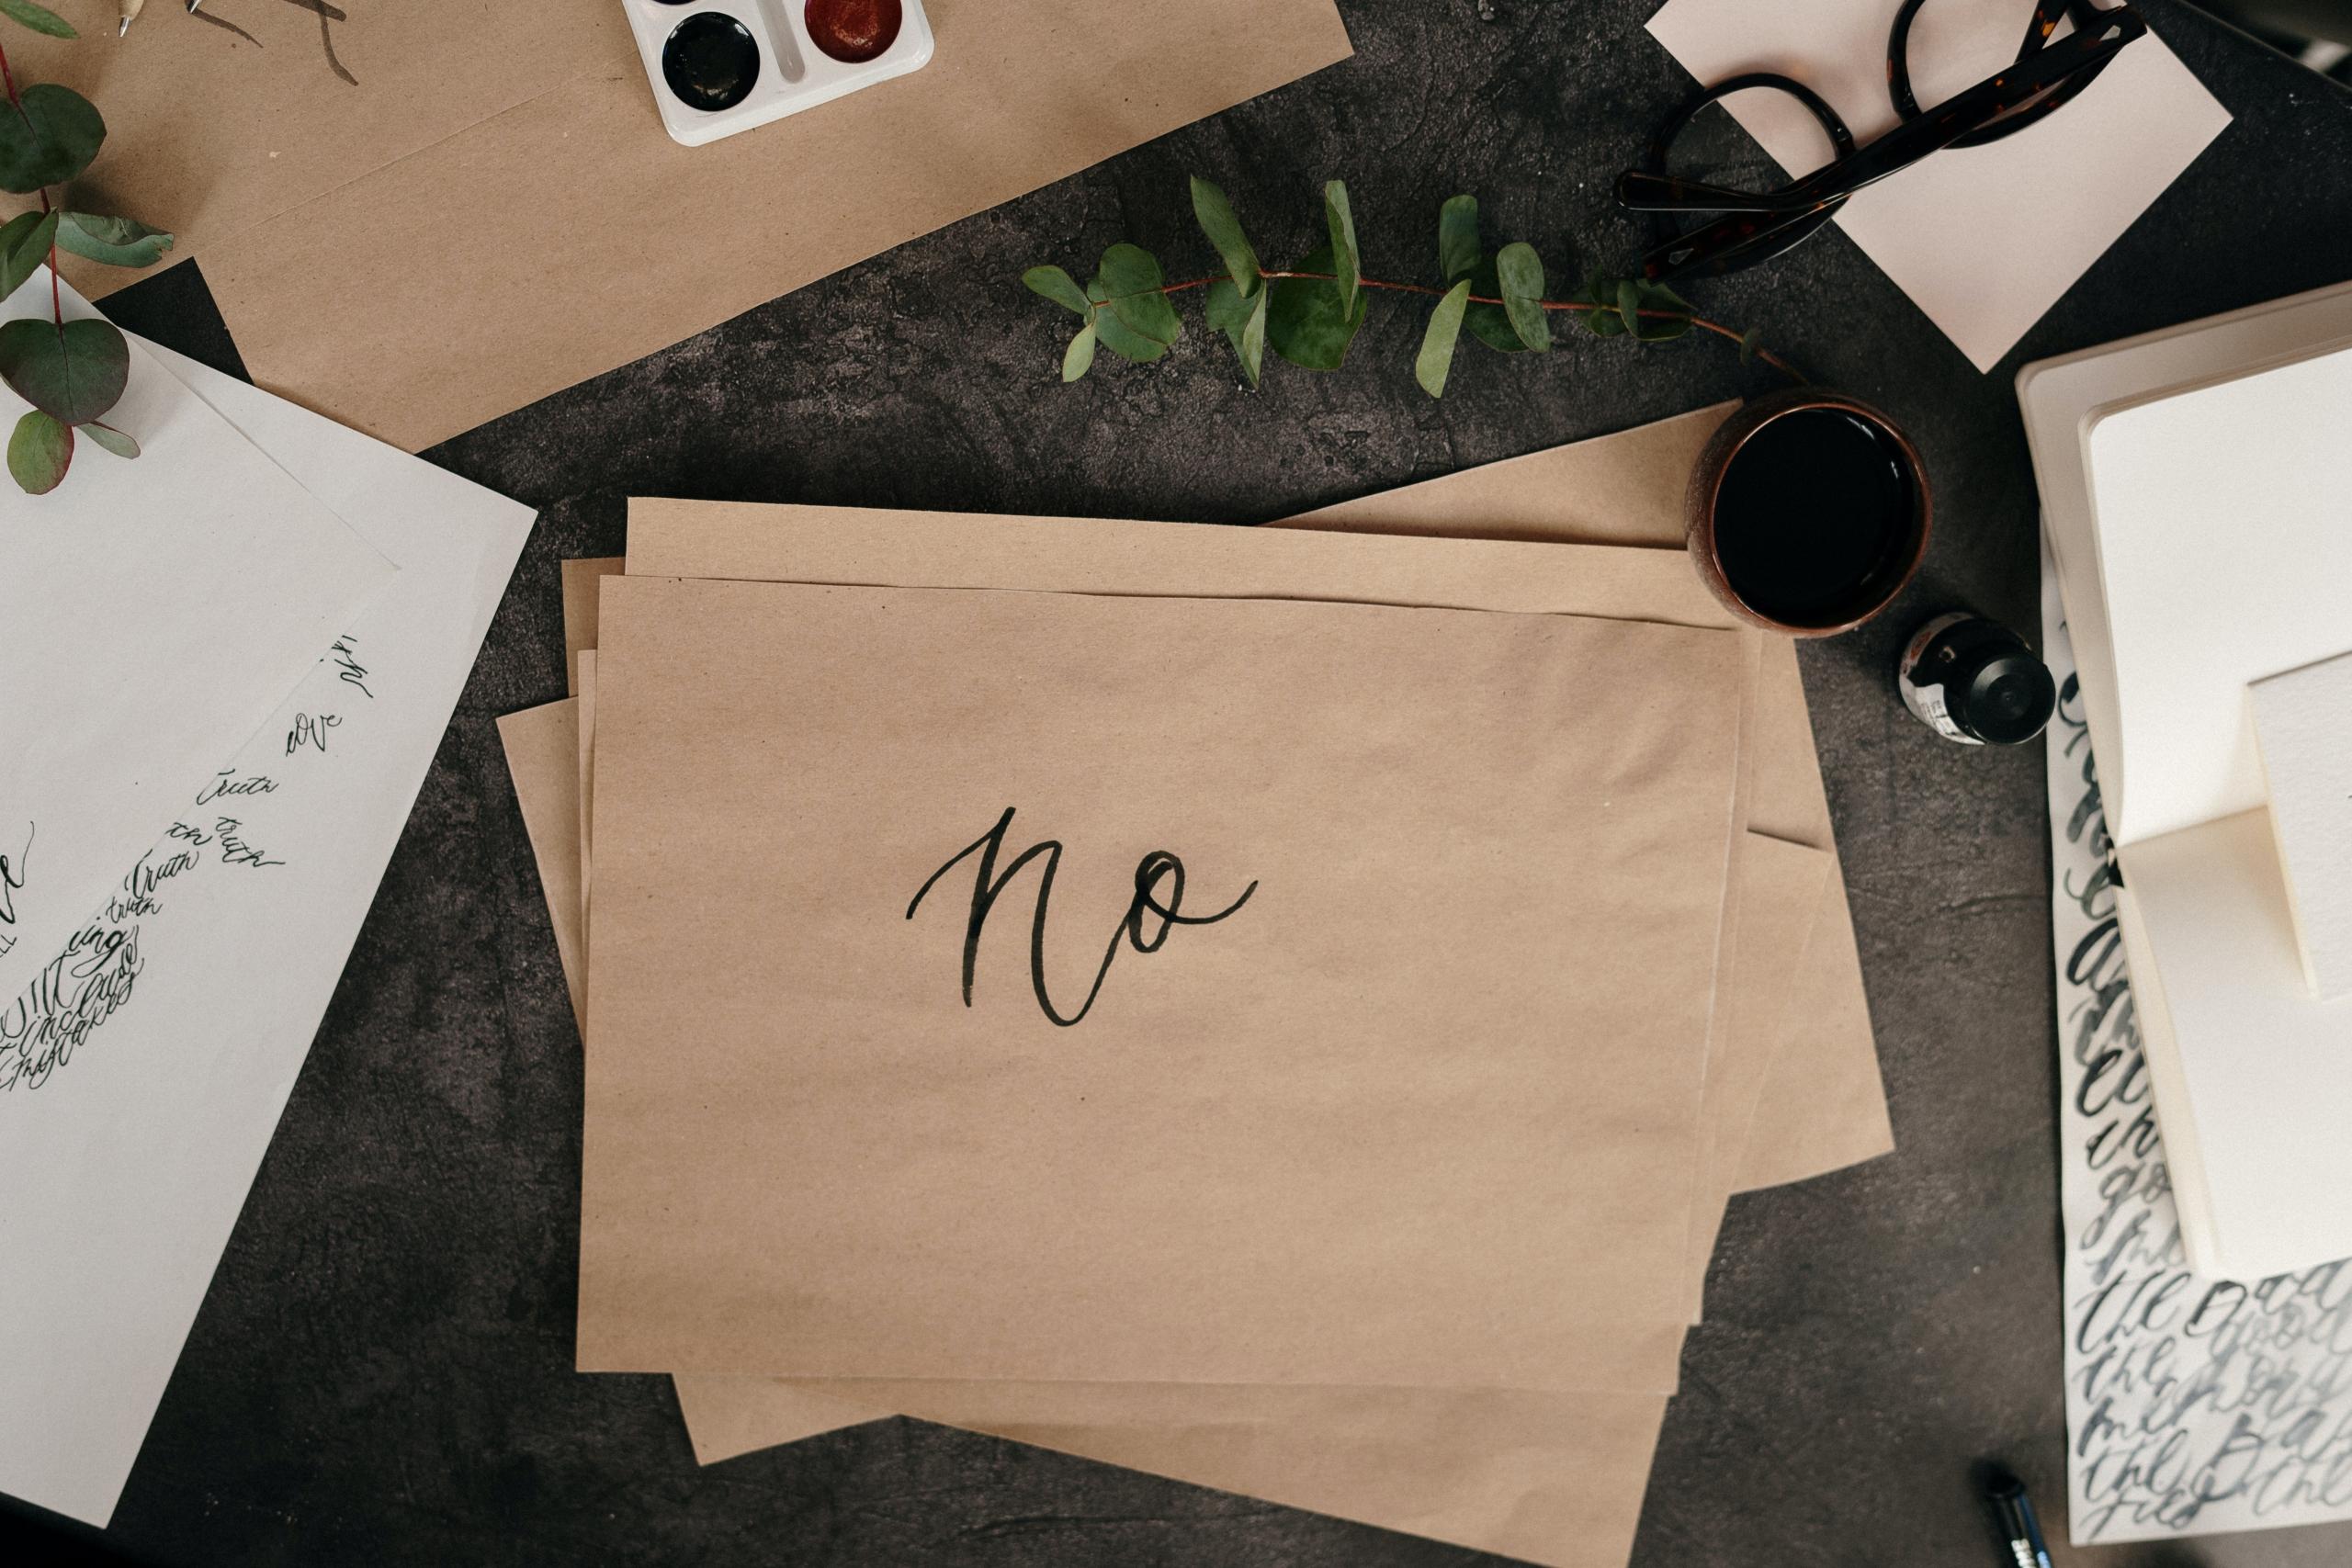 Noと書かれた紙